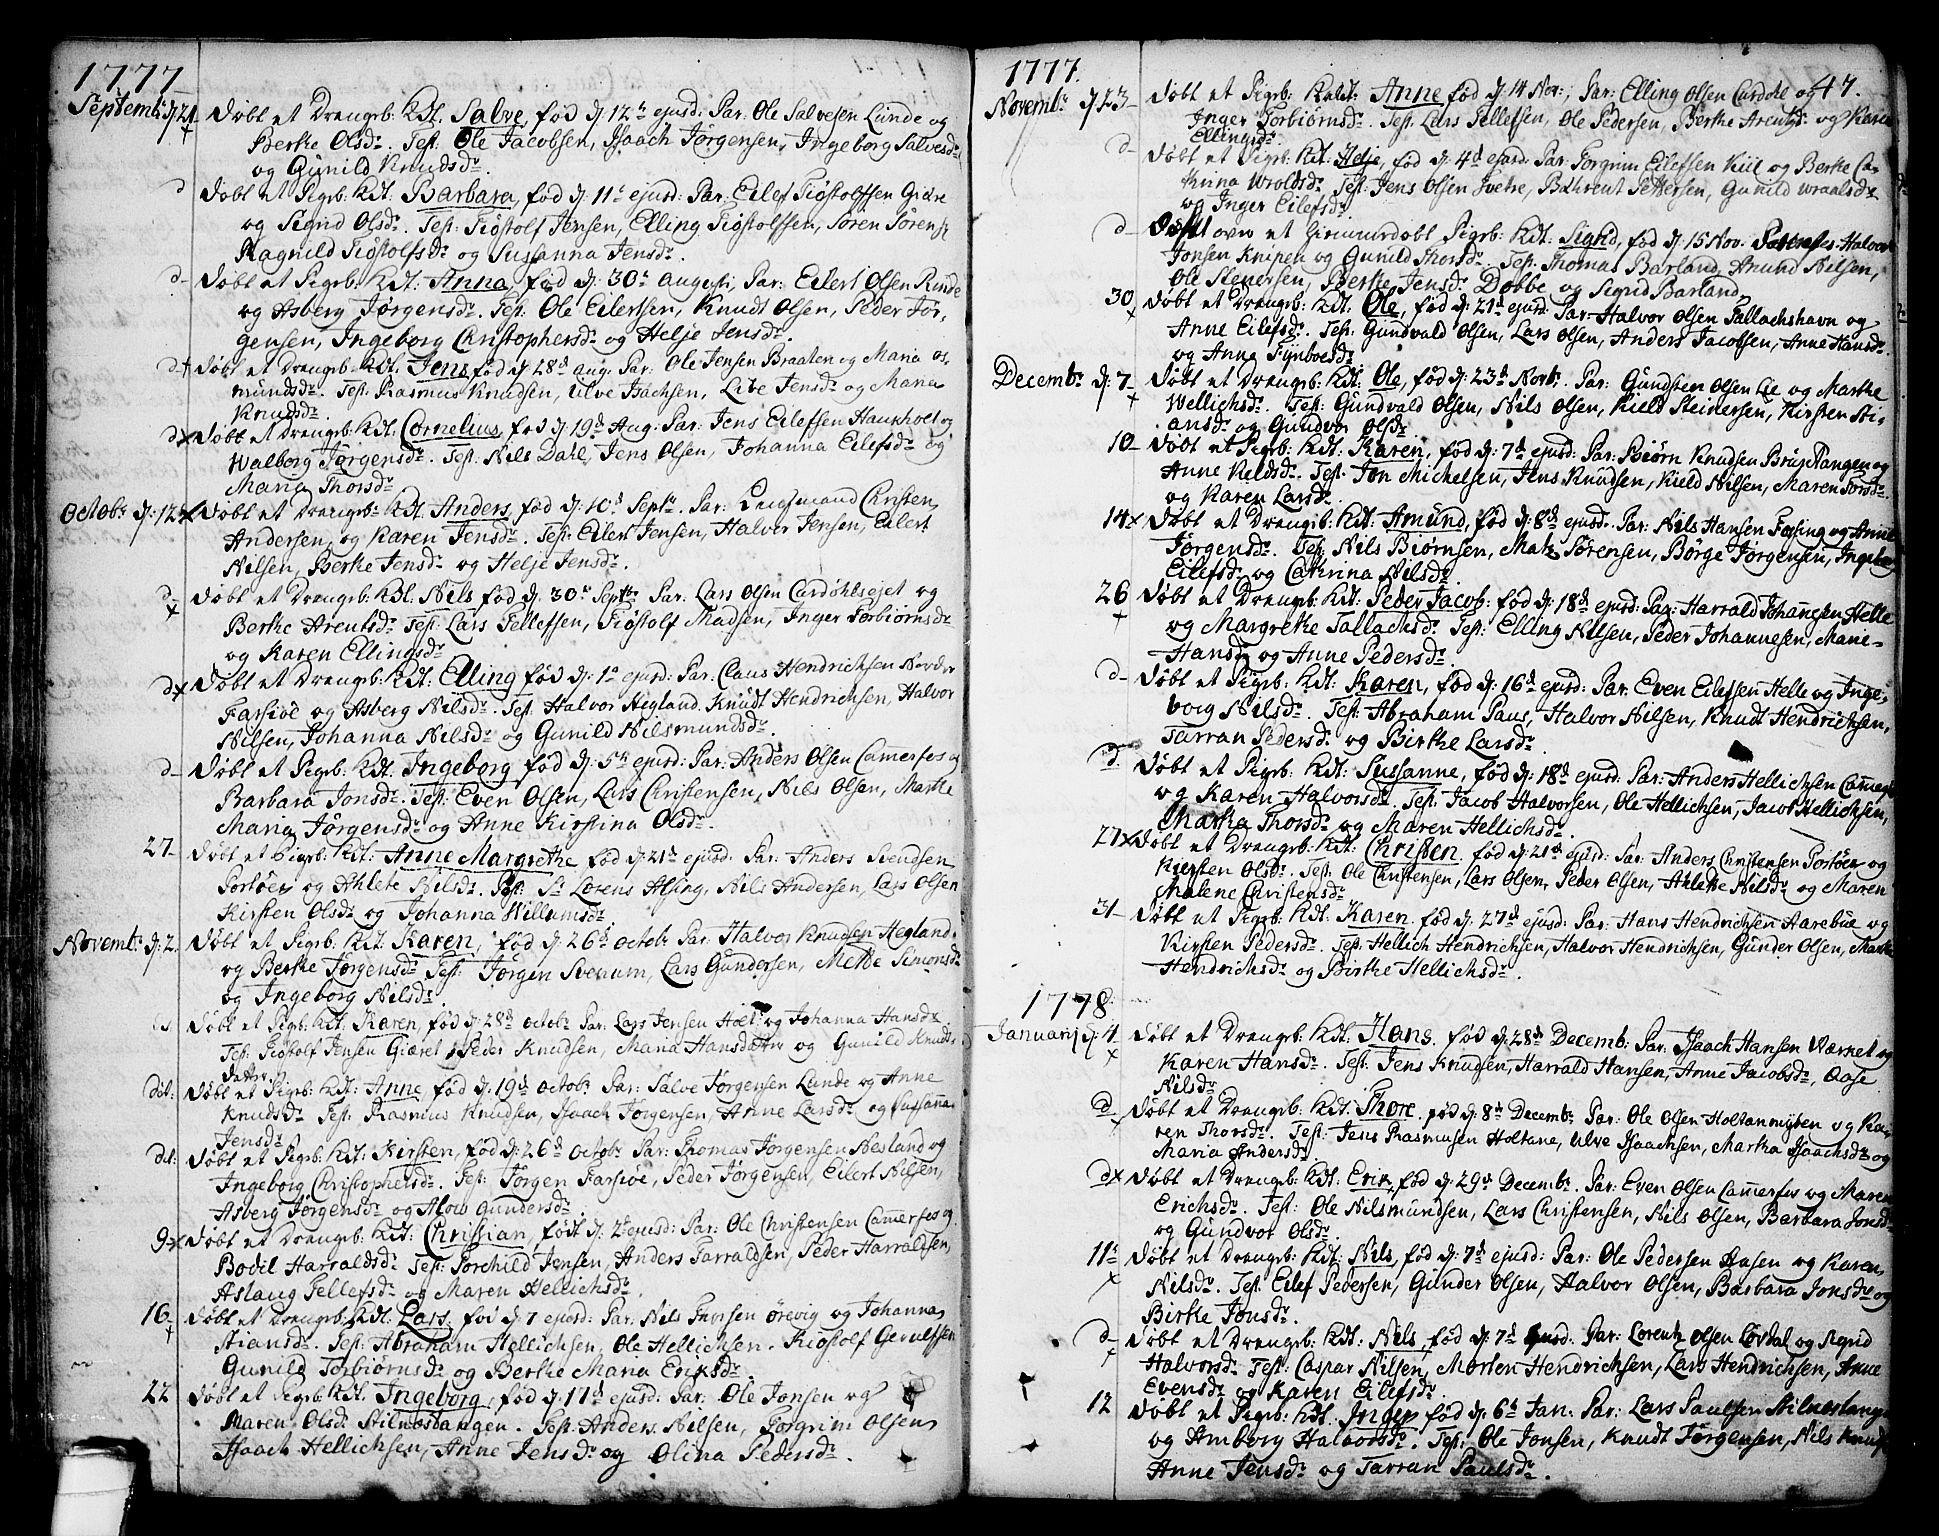 SAKO, Sannidal kirkebøker, F/Fa/L0002: Ministerialbok nr. 2, 1767-1802, s. 47